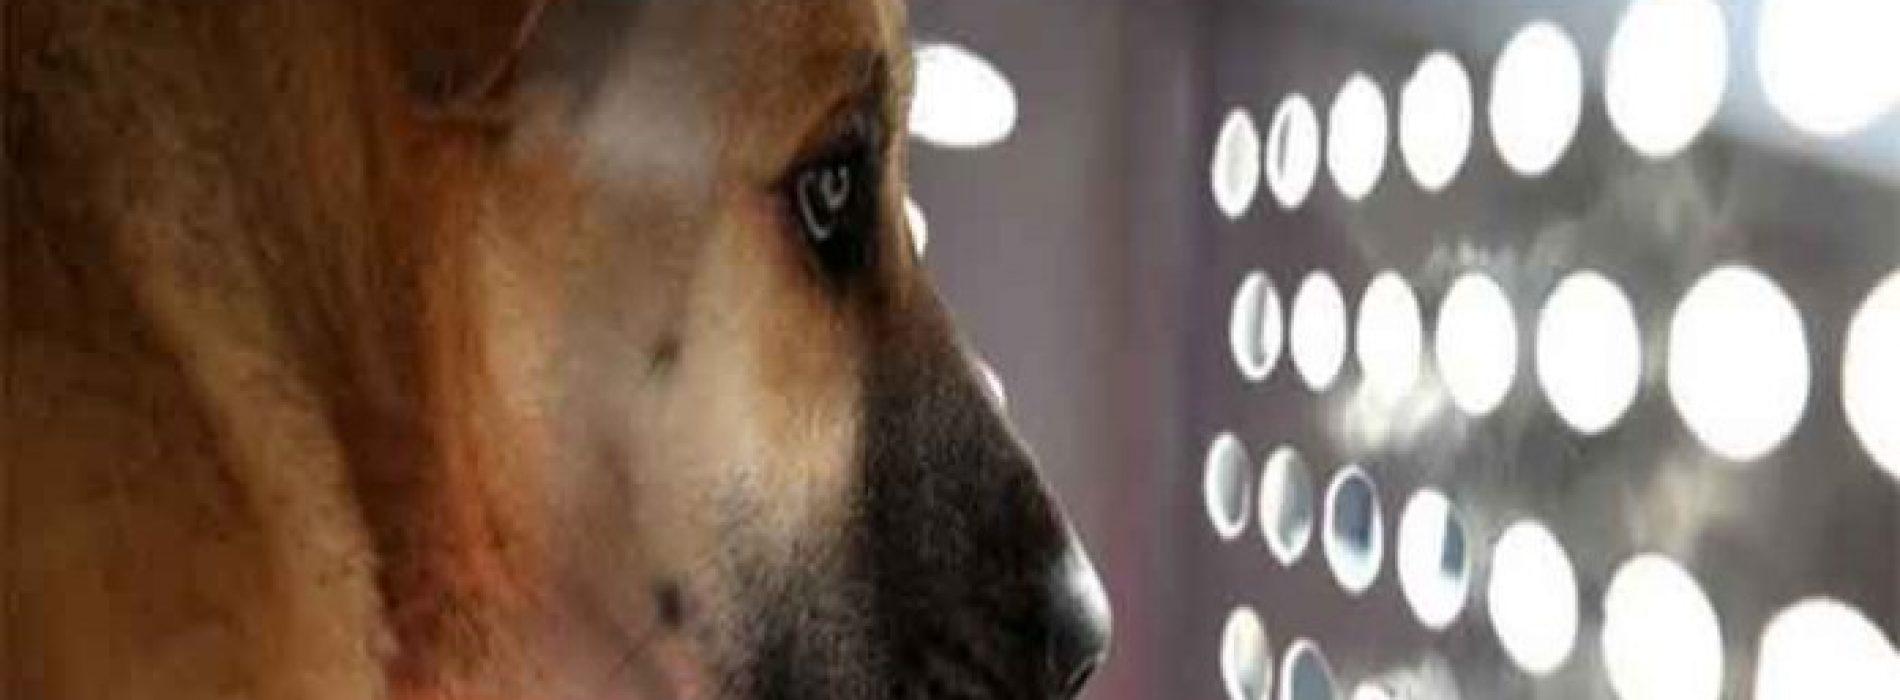 """Dierenarts: """"Iedere dag sterven duizenden huisdieren door vaccins die ze niet nodig hebben"""""""